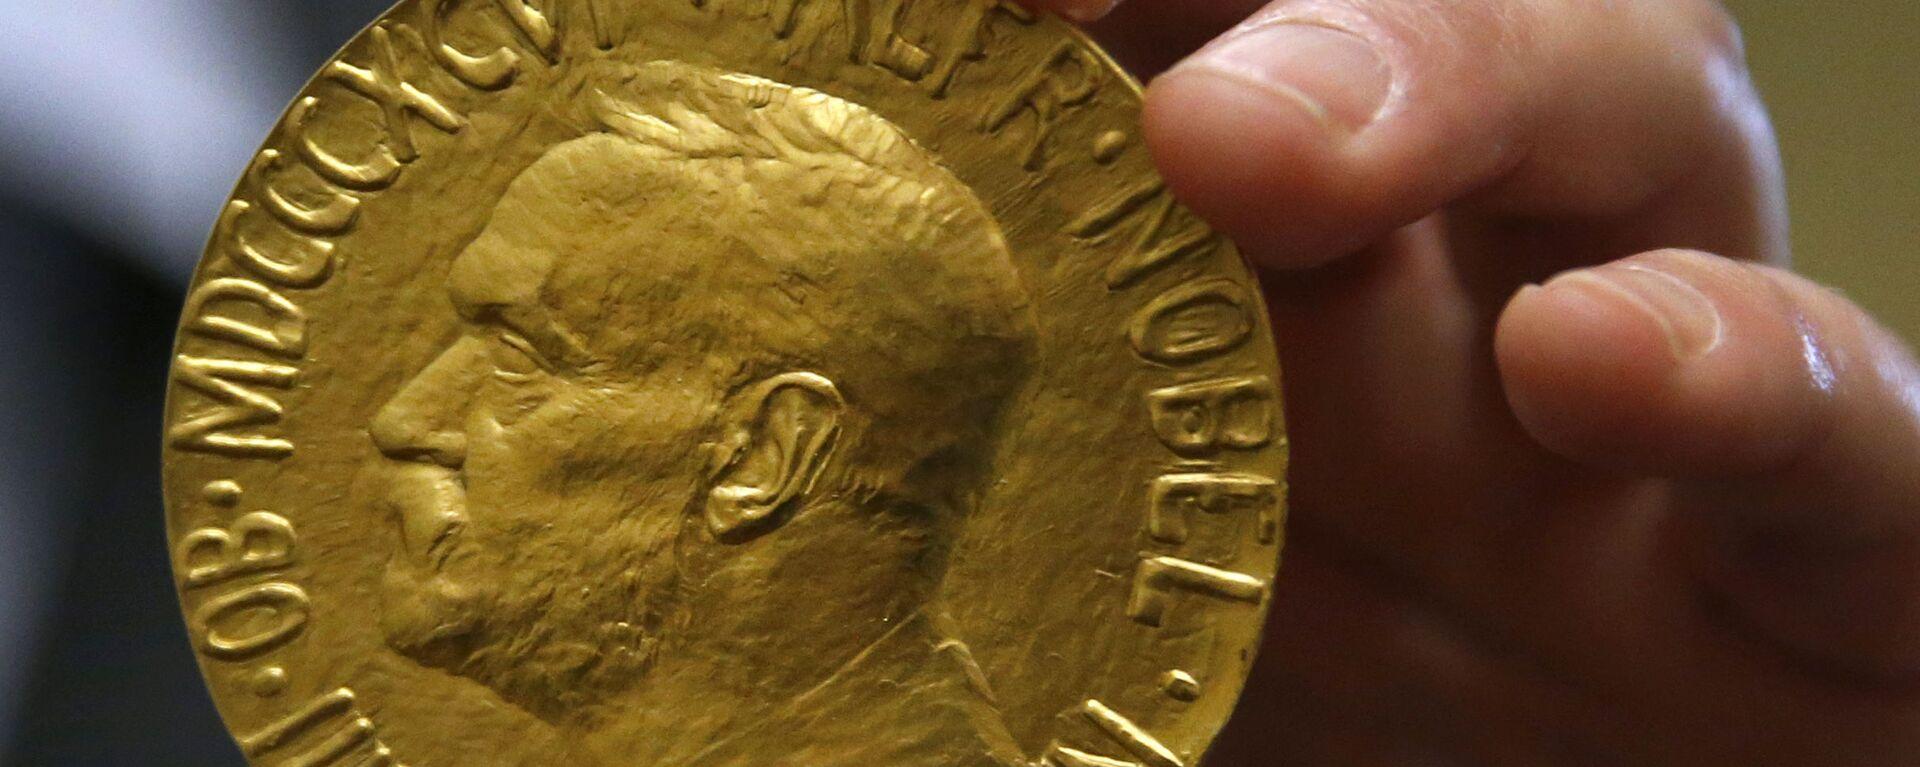 Medalla del Premio Nobel de la Paz otorgada a Carlos Saavedra Lamas subastada en 2014 - Sputnik Mundo, 1920, 23.09.2021